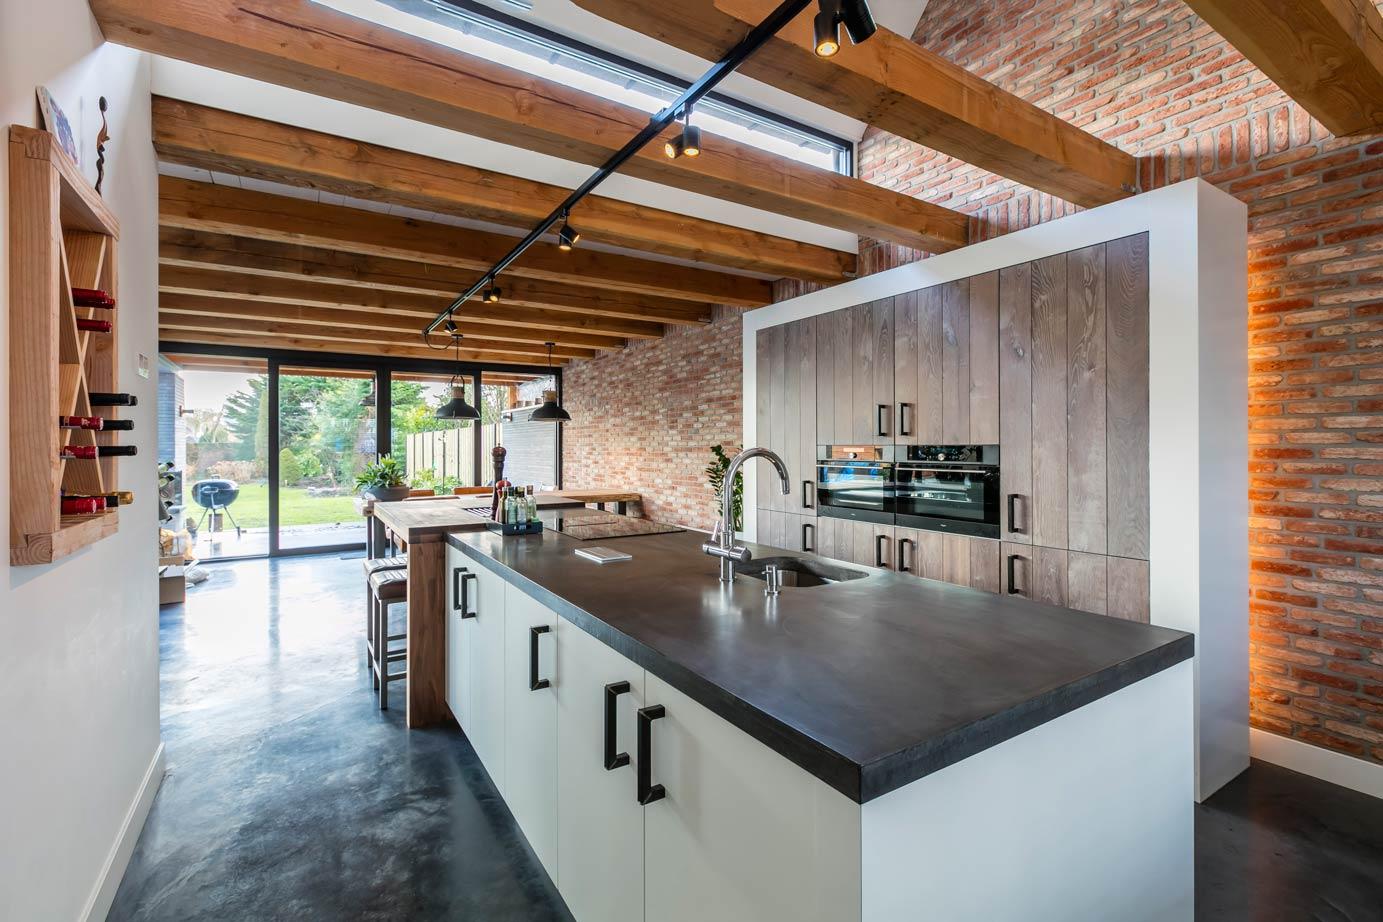 Landelijke Keuken Plafond : Een landelijk moderne keuken kopen in Limmen? Lees